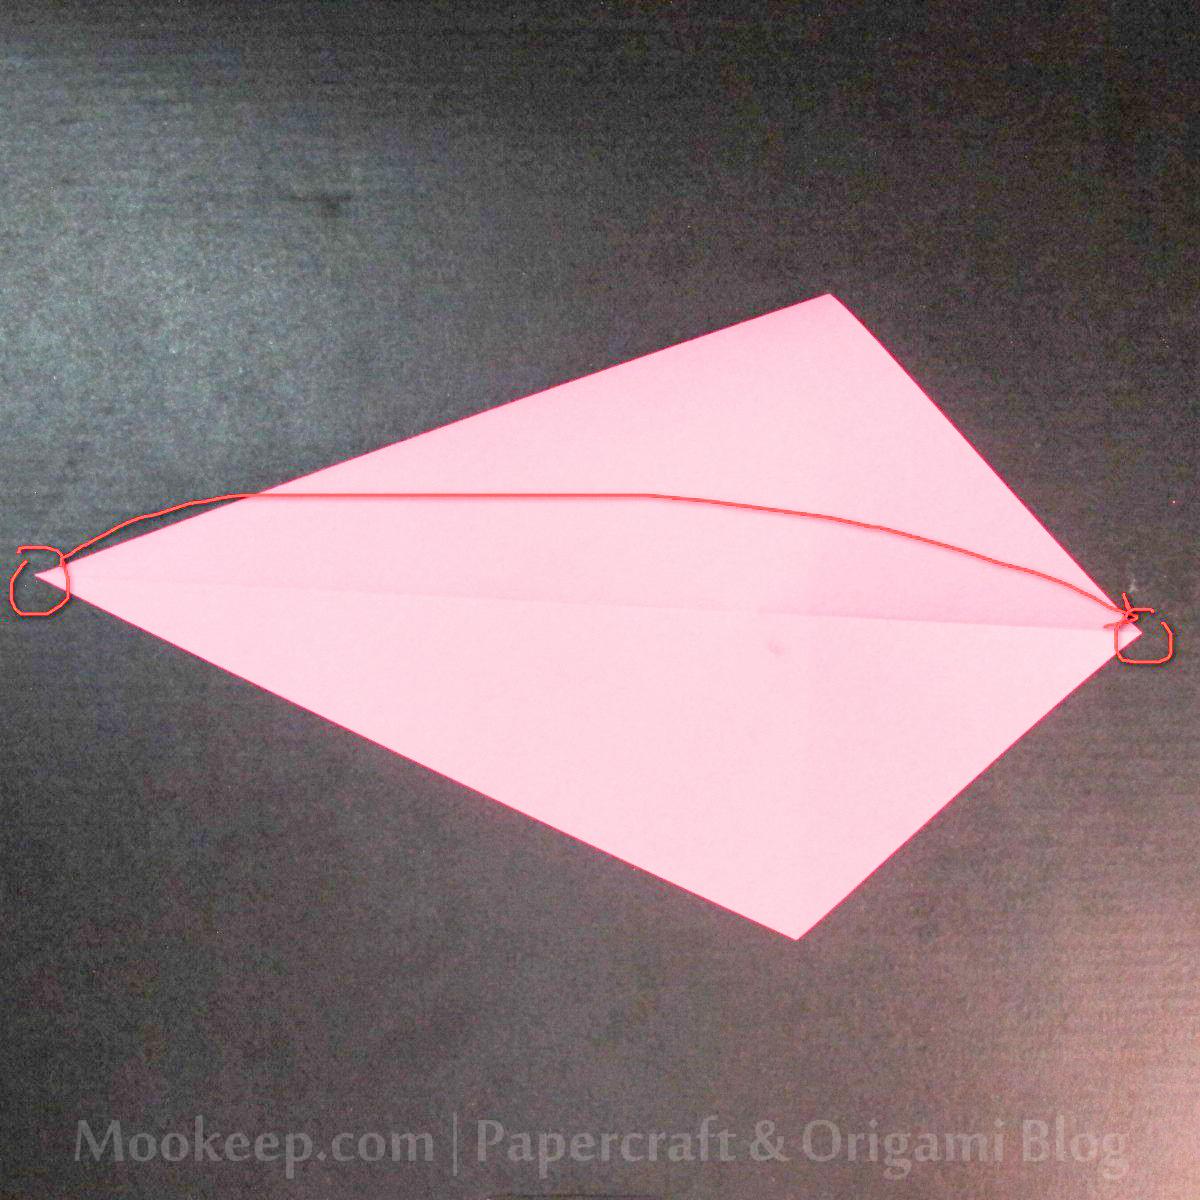 สอนวิธีการพับกระดาษเป็นรูปเป็ด (Origami Duck) - 005.jpg